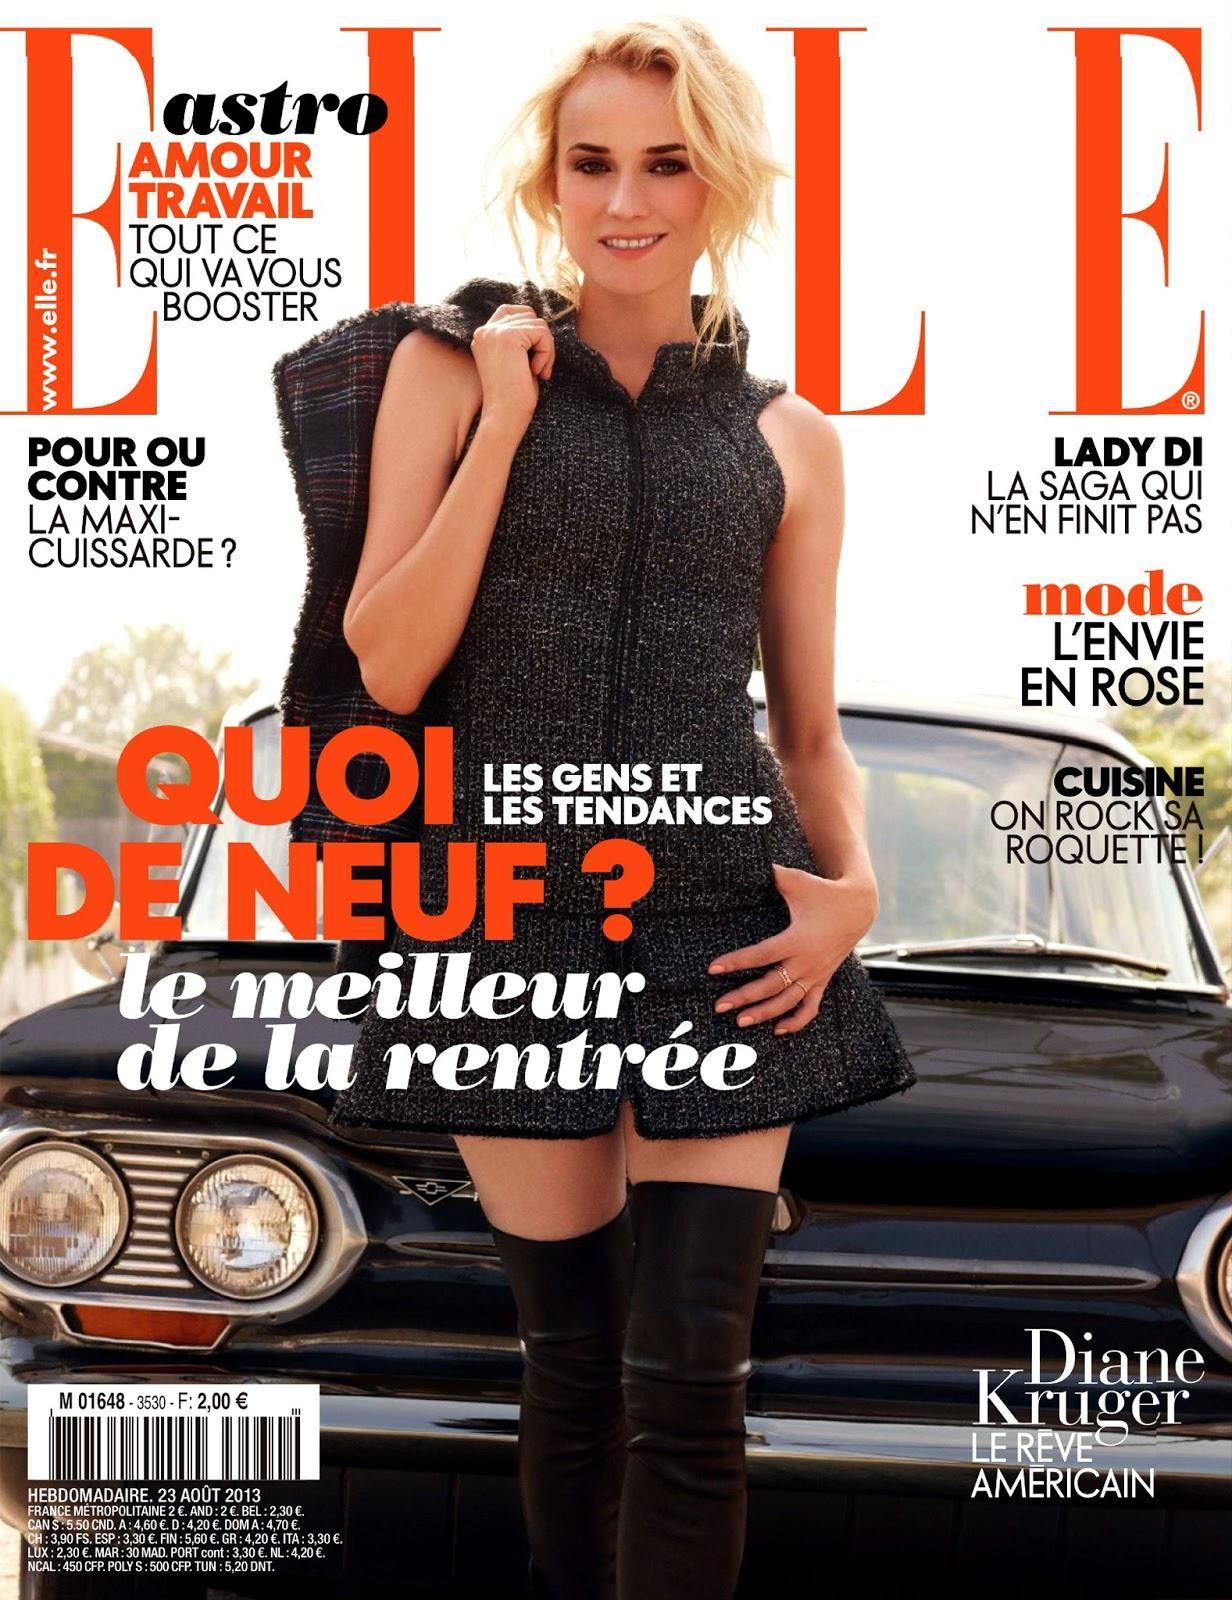 DianeKruger-ElleFrance01.jpg